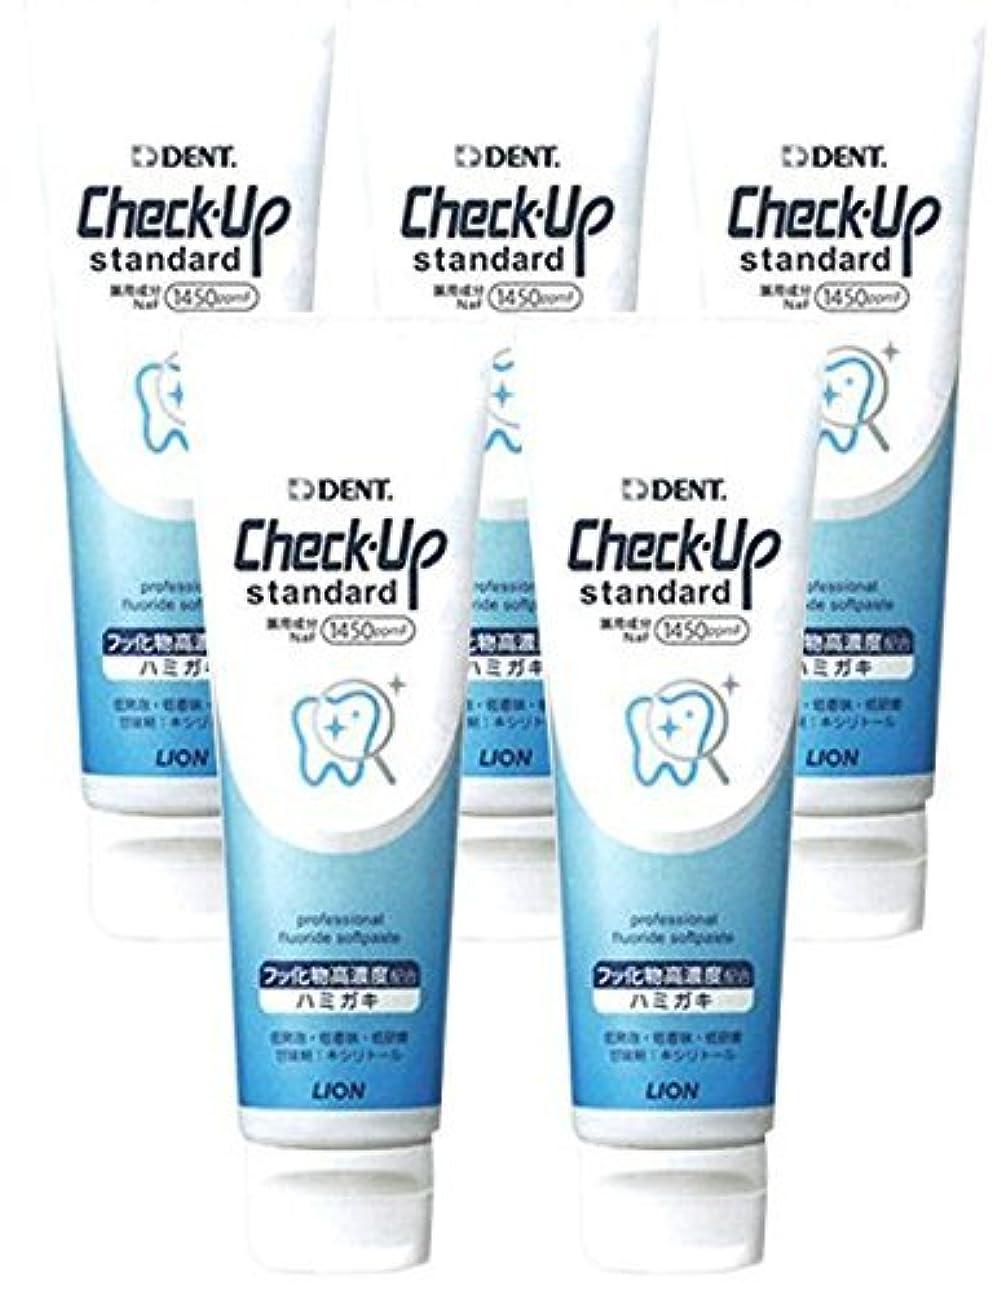 フレキシブルコンプライアンスのヒープライオン デントチェックアップスタンダード 135g × 5本(DENT.Check-Upstandard) フッ素1450ppm むし歯予防 歯磨き粉 歯科専用